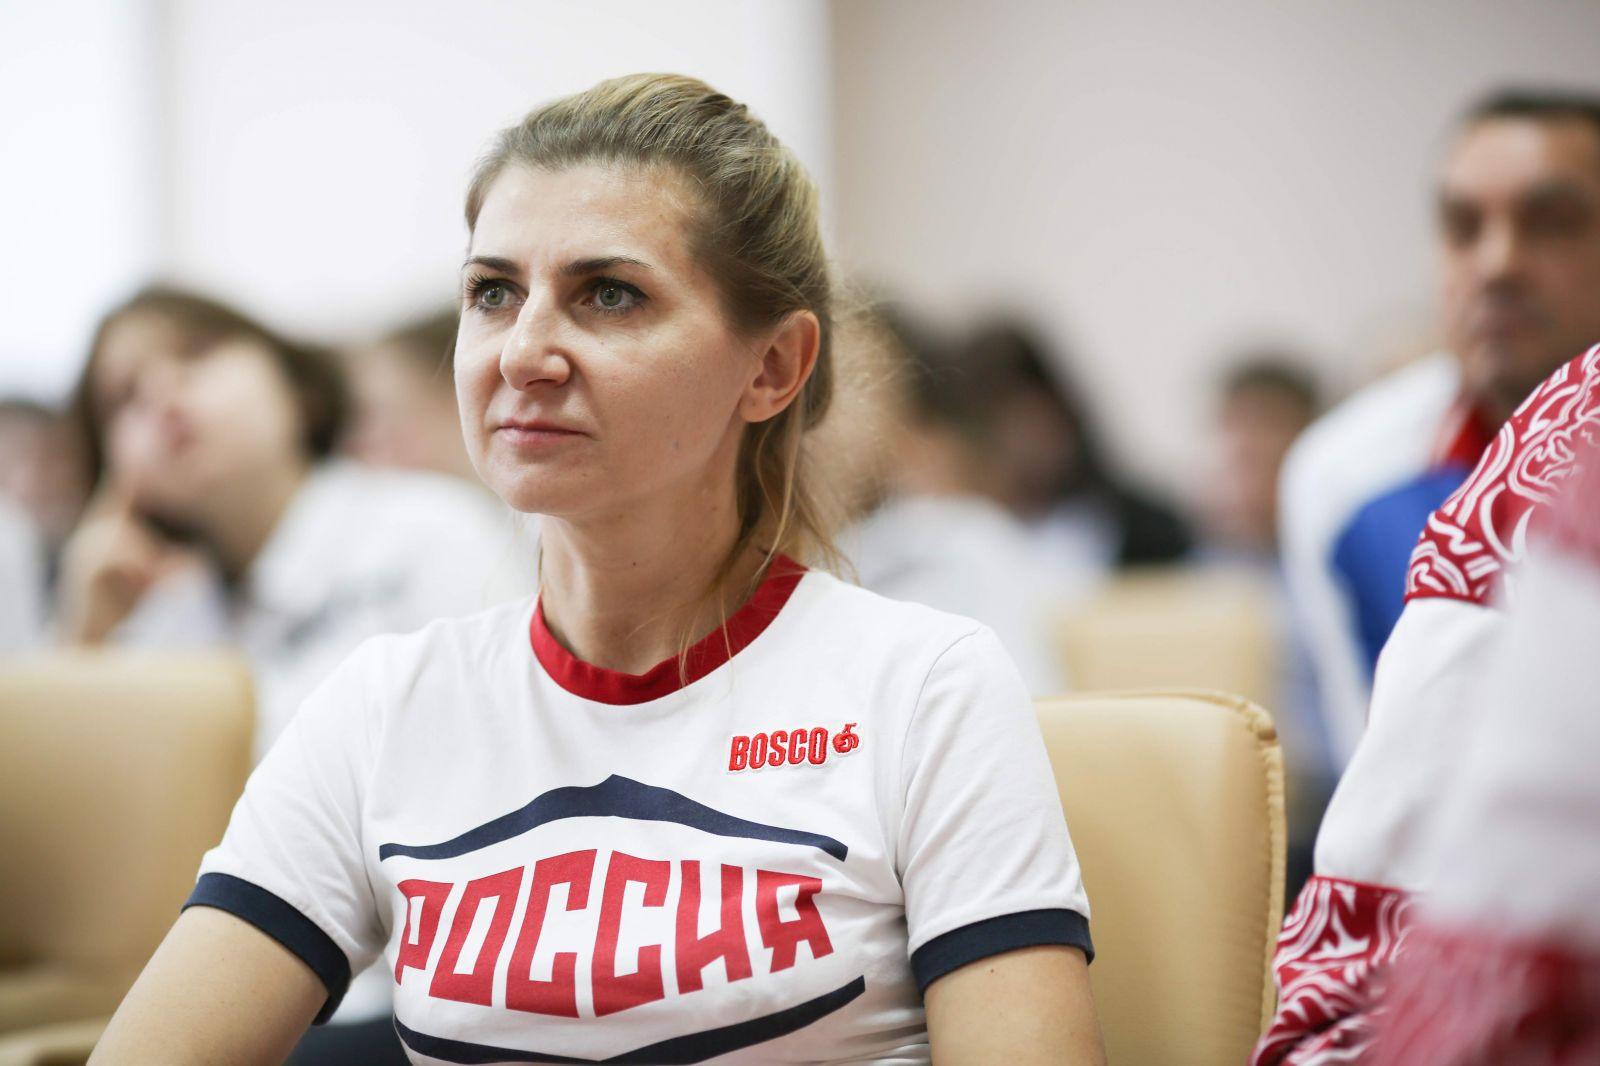 Старший тренер сборной команды России по велоспорту лиц с ПОДА Е.Ф. Мухортова: «Я довольна выступлением своих подопечных на чемпионате мира в Нидерландах»